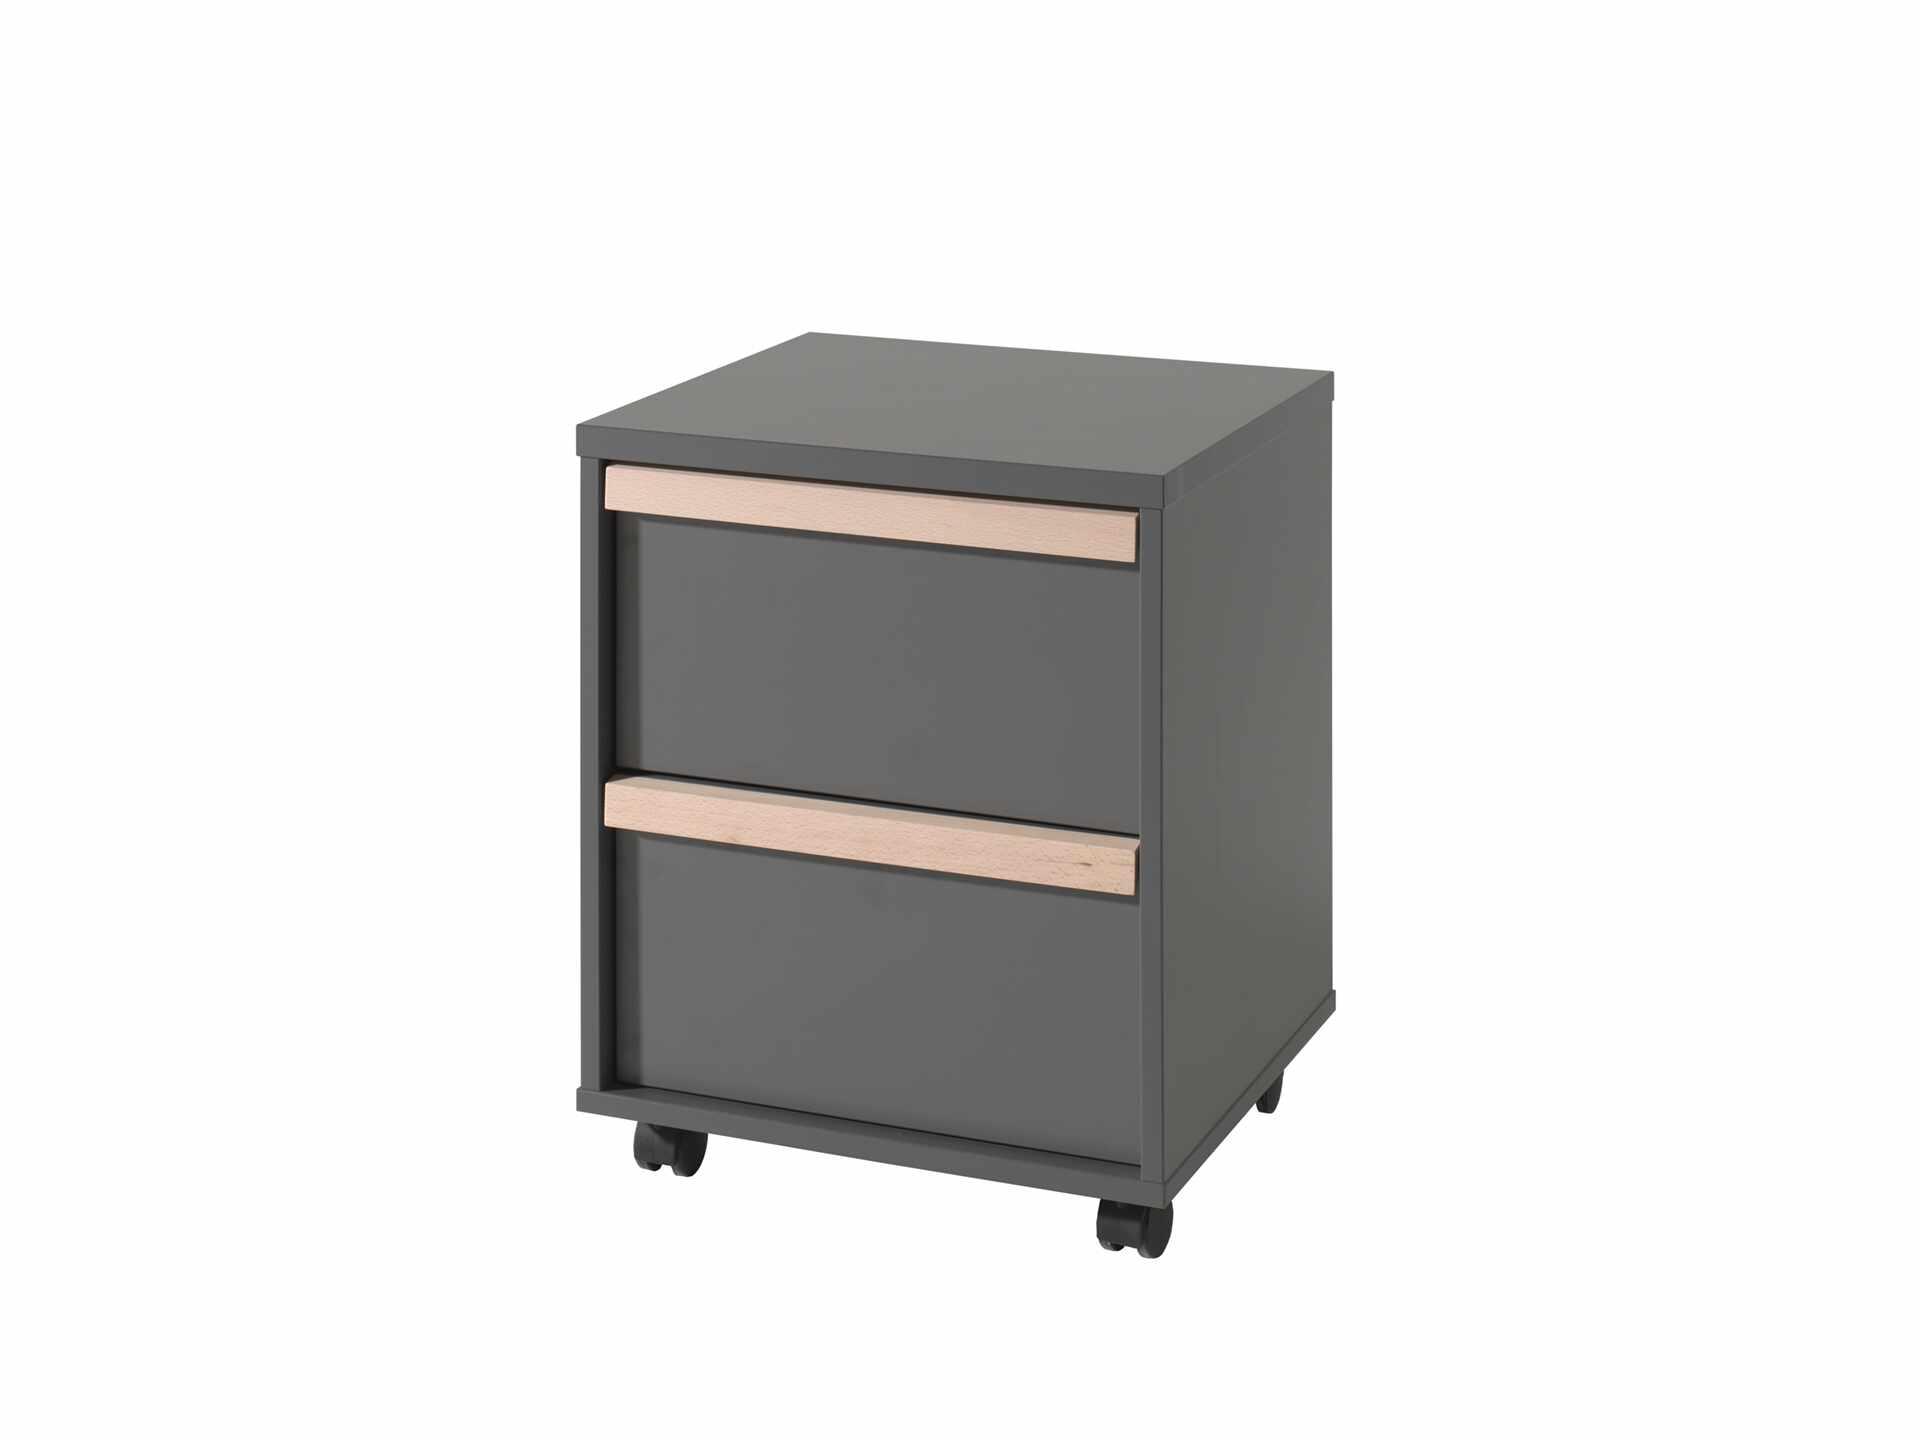 Cabinet din lemn de fag si pal, pe rotile cu 2 sertare pentru copii London Antracit / Natural, l48,1xA44xH60 cm la pret 884 lei